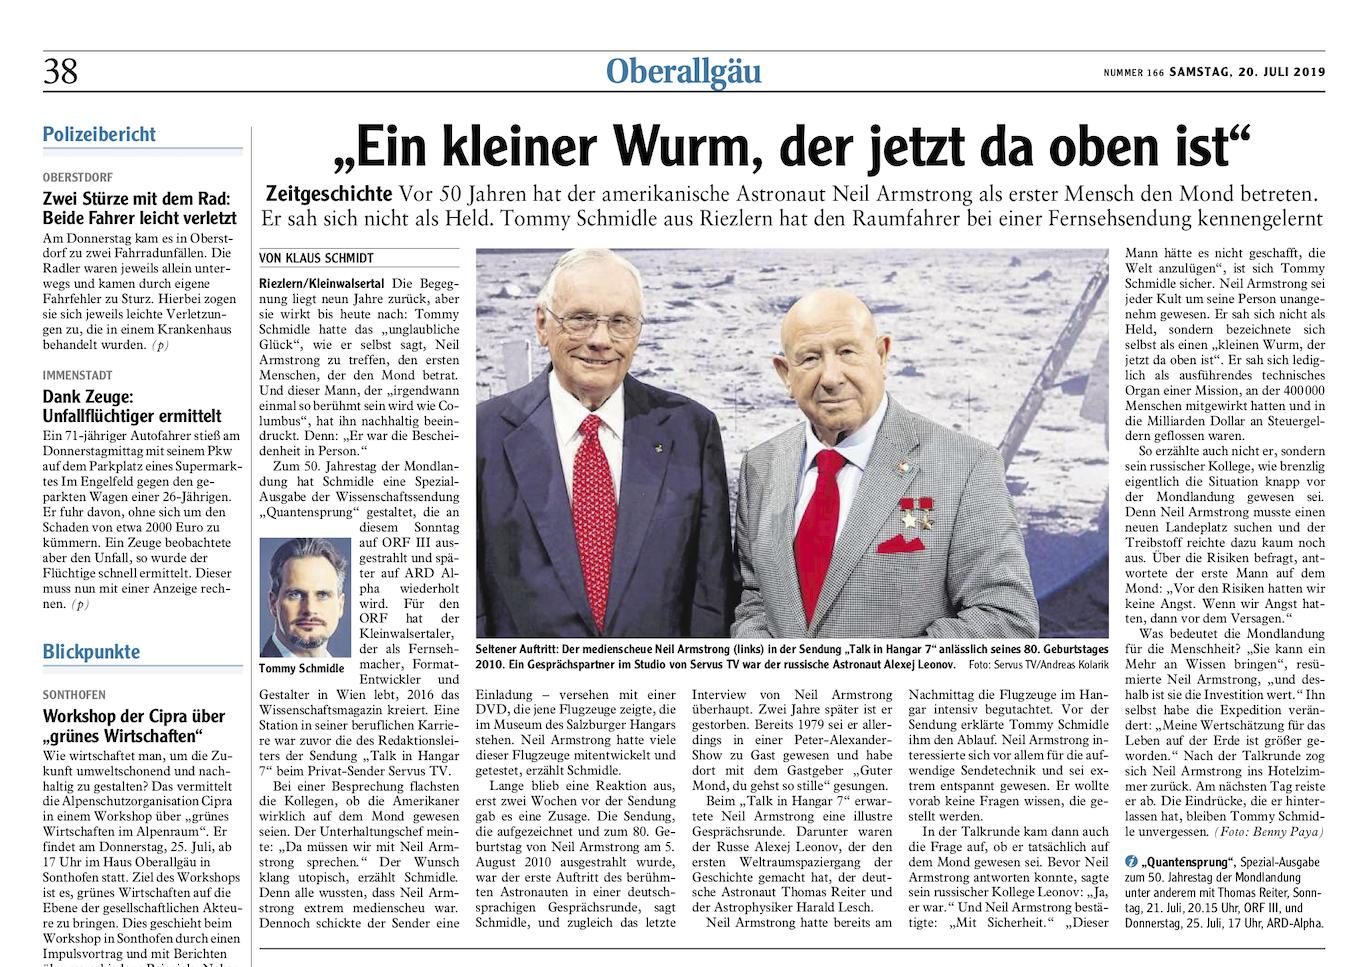 Artikel aus der Oberallgäu Zeitung zu 50 Jahre Mondlandung